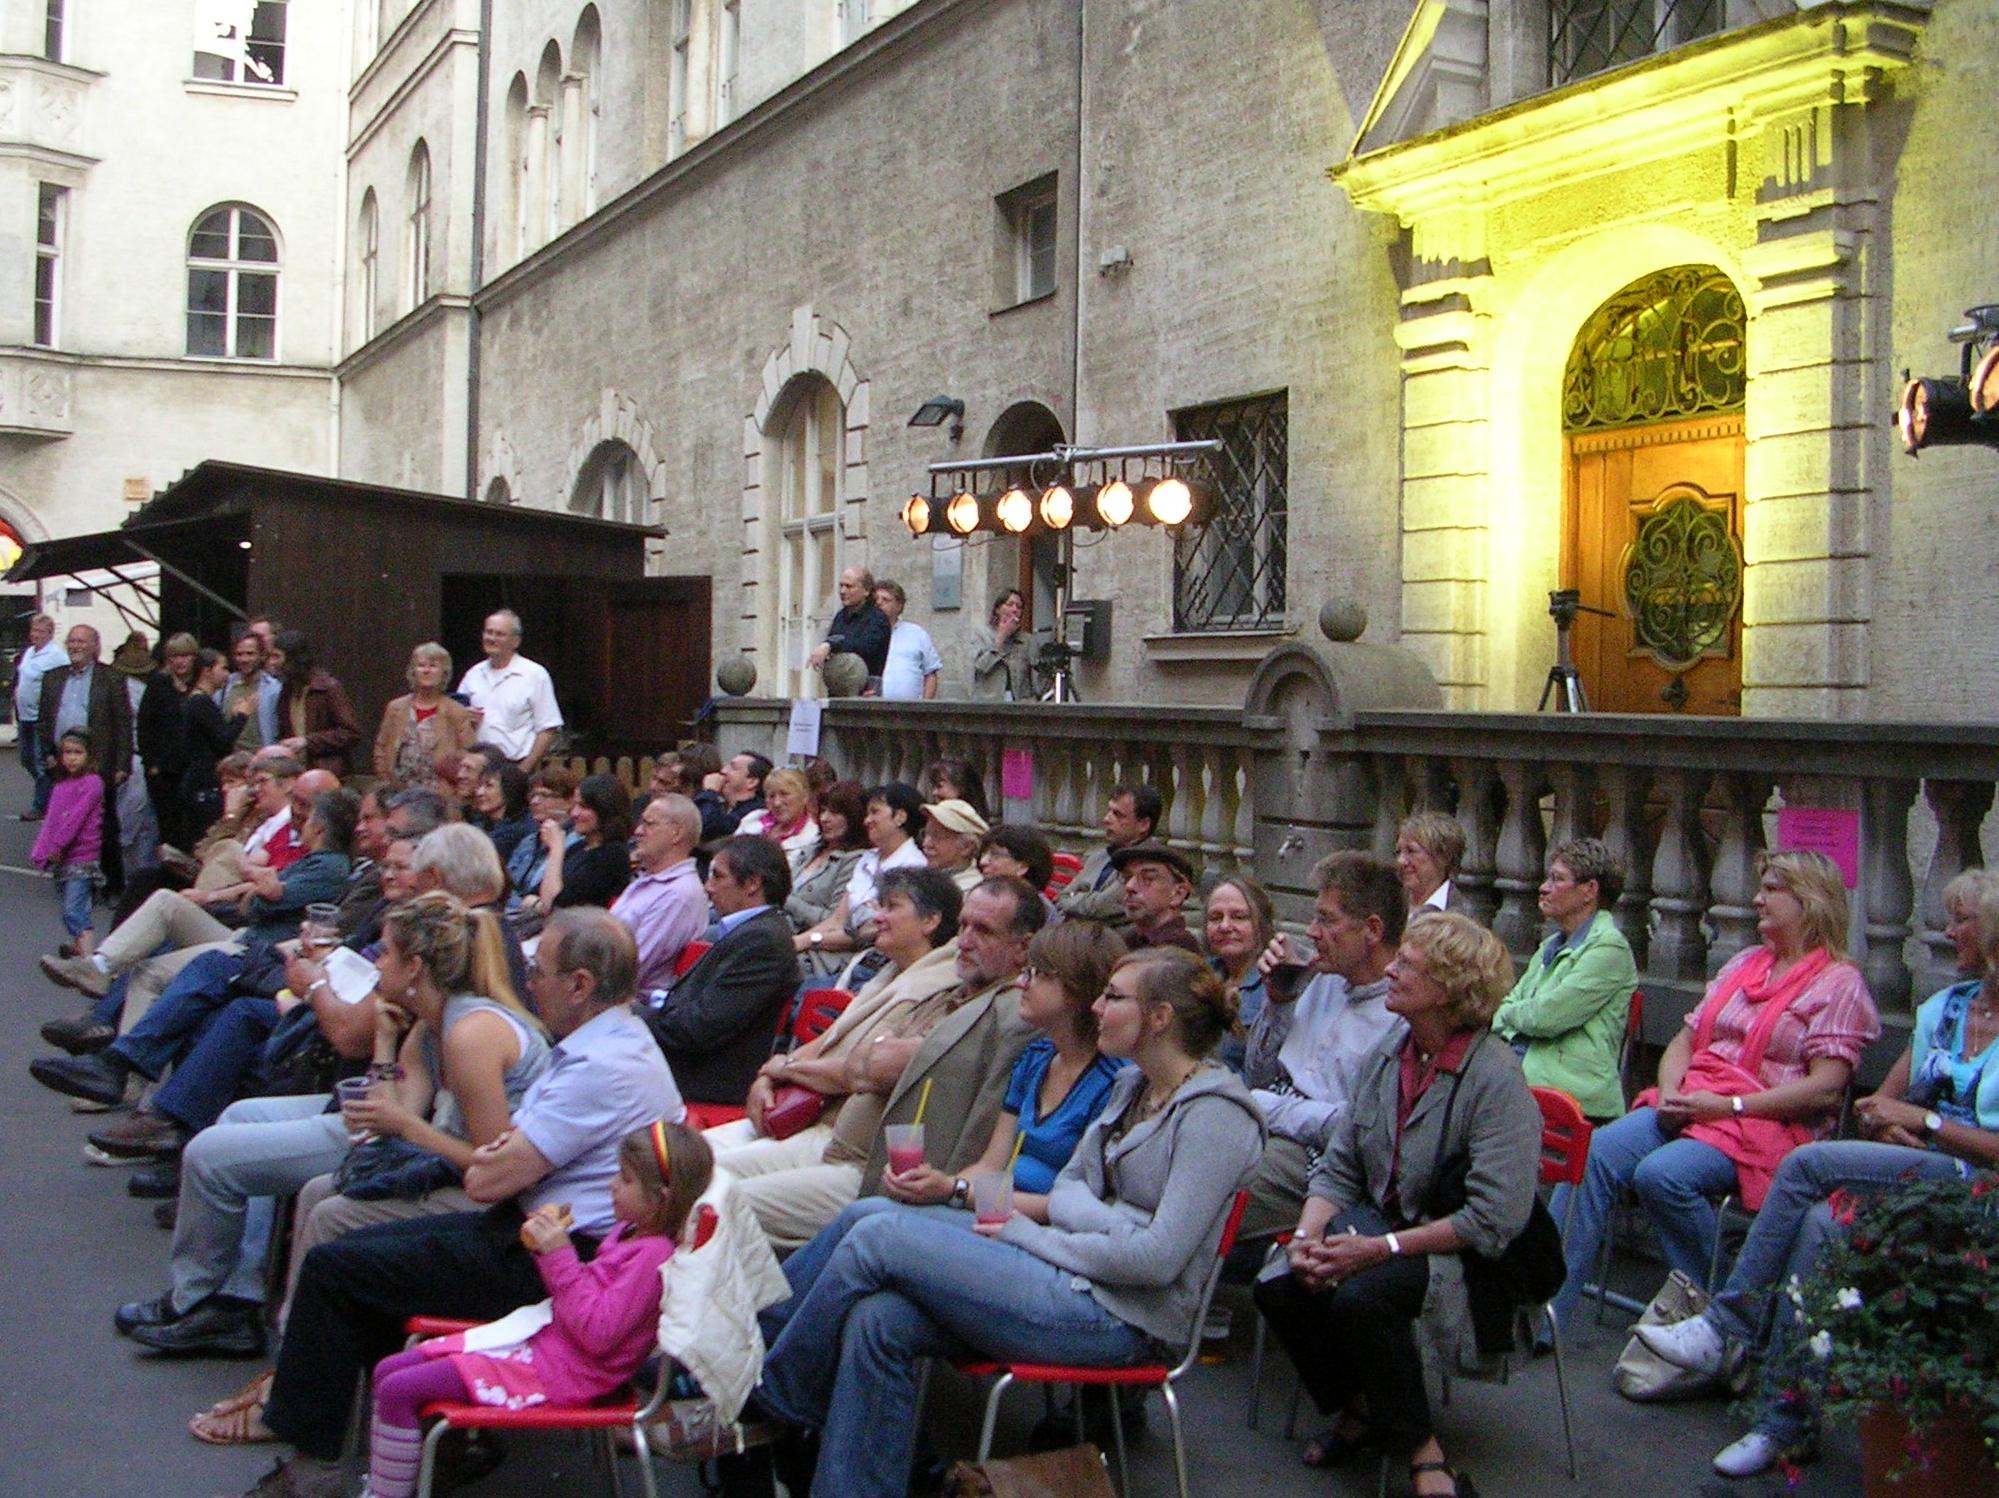 Konzerte im Bürgerhof 24.06.10 - Freiwilligen-Zentrum Augsburg - Foto: Robert Hösle